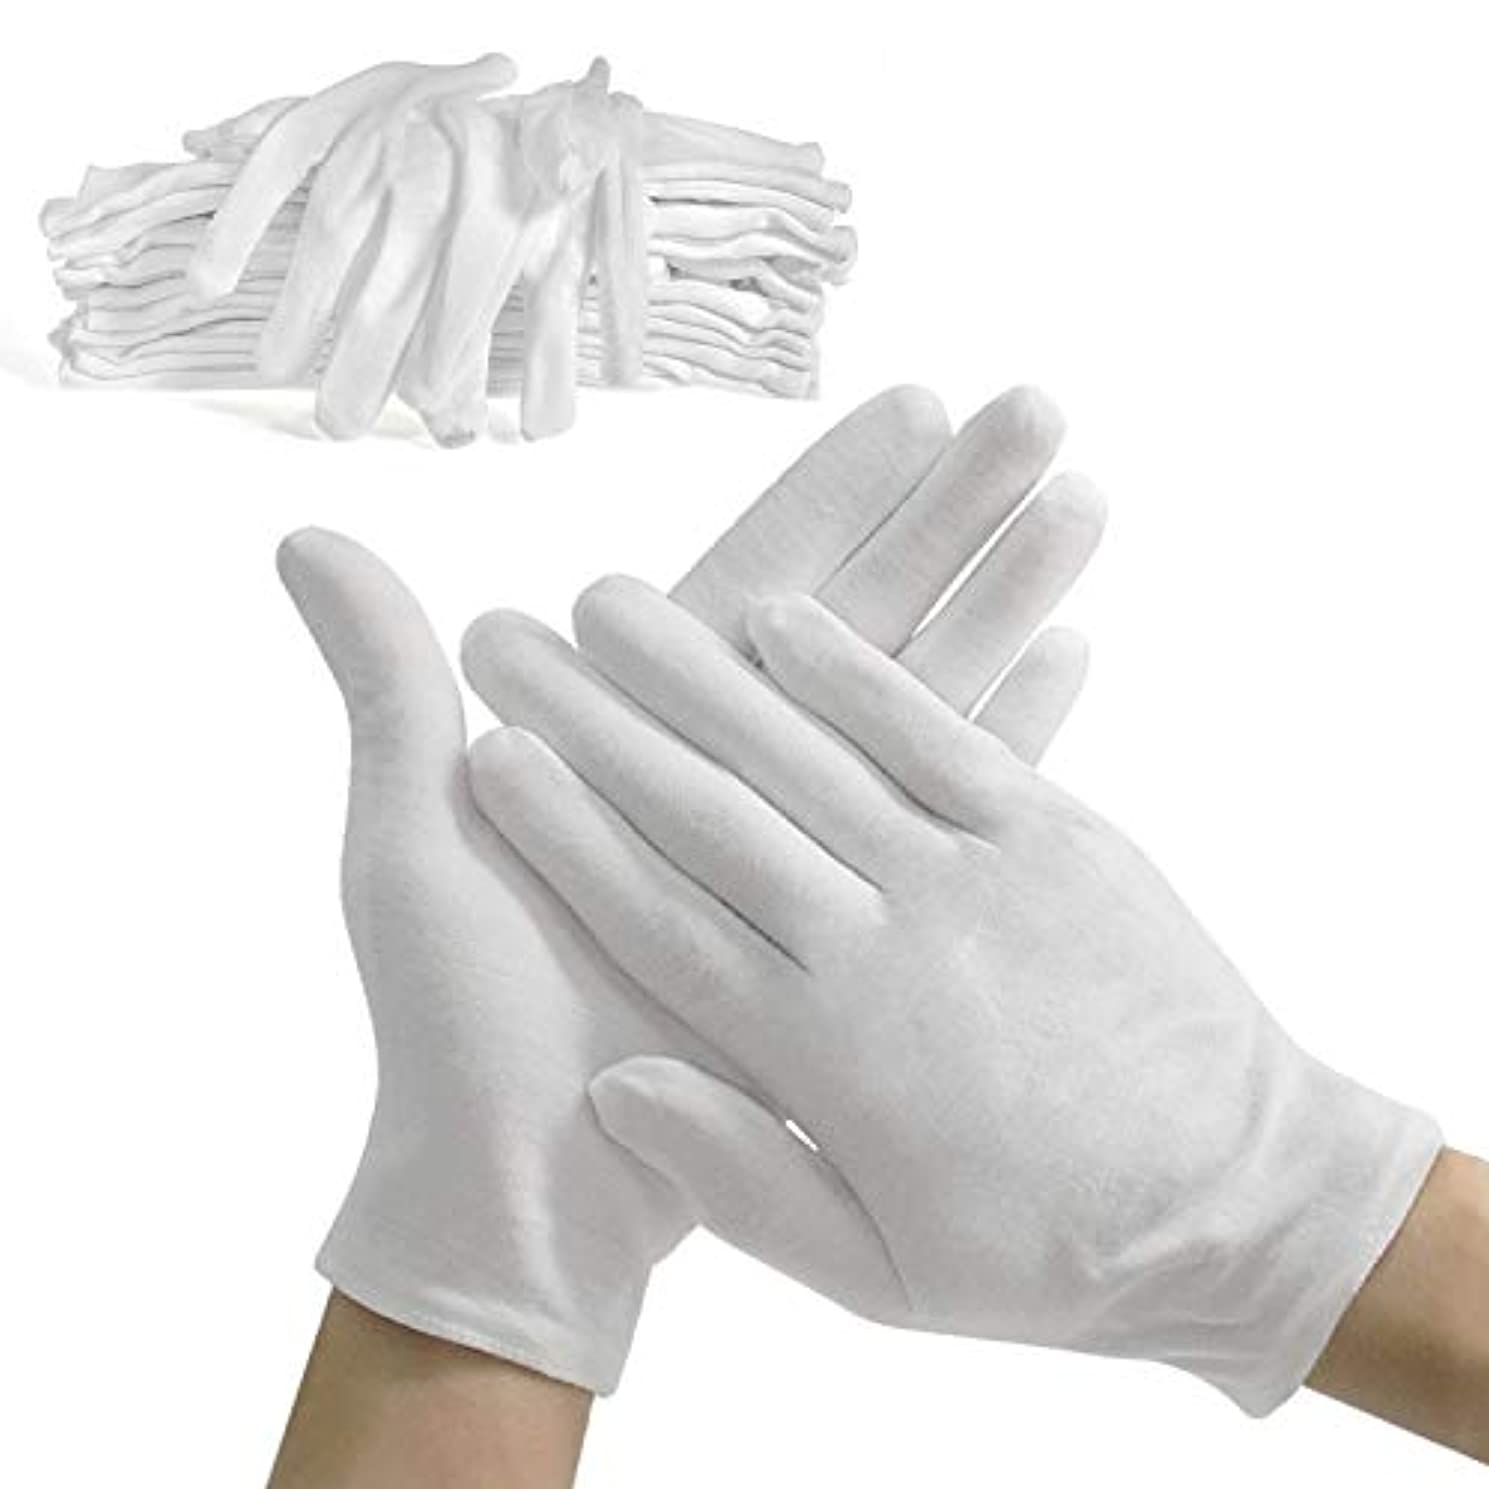 民主主義郵便ダブル使い捨て 手袋 コットン手袋 綿手袋 手荒れ 純綿100% 使い捨て 白手袋 薄手 お休み 湿疹 乾燥肌 保湿 礼装用 メンズ 手袋 レディース (XL,梱包数量100組(200)) (XL,梱包数量100組(200))